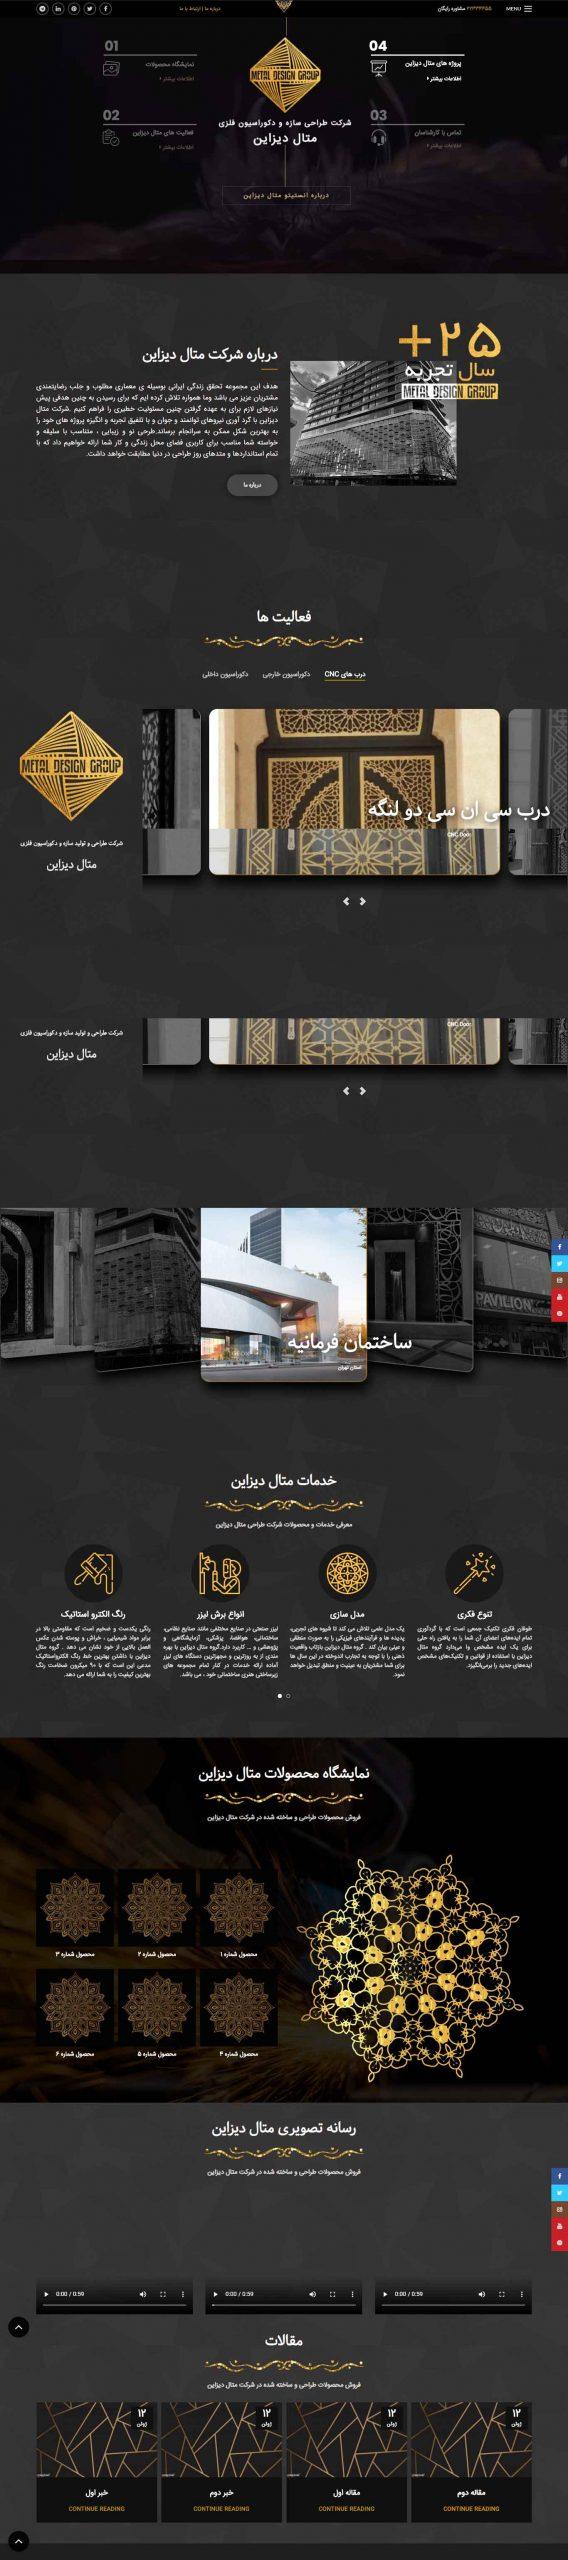 طراحی سایت شرکتی فروشگاهی متال دیزاین